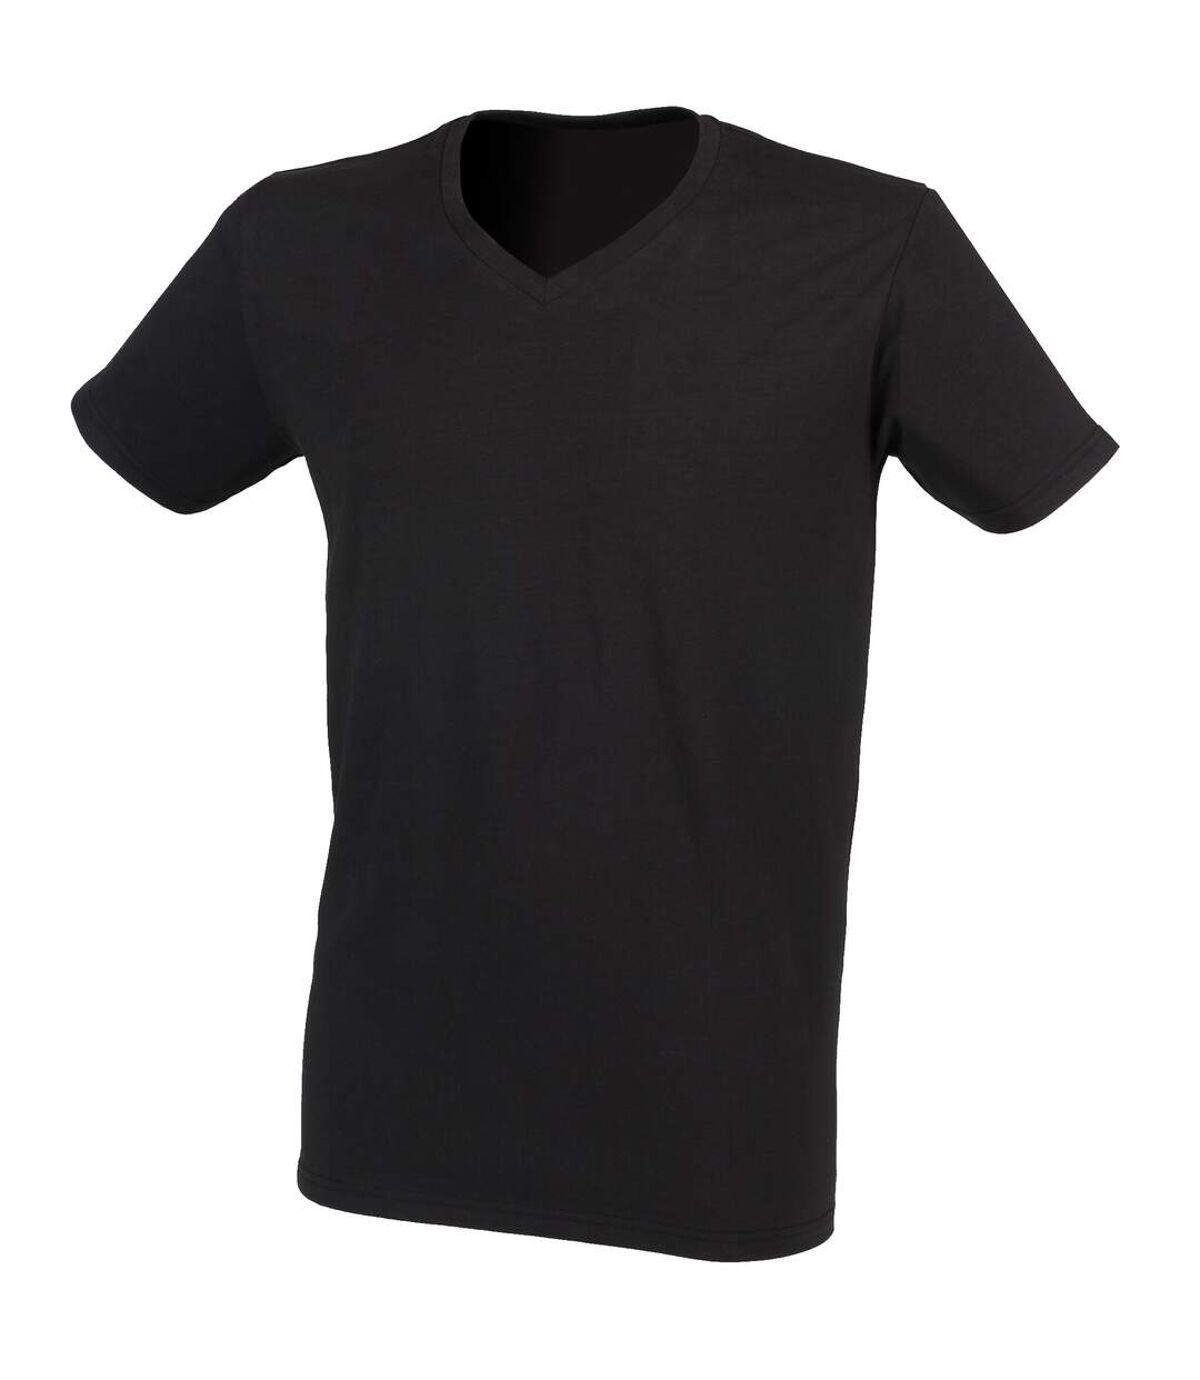 Skinni Fit - T-shirt à manches courtes et col en V - Homme (Noir) - UTRW4428